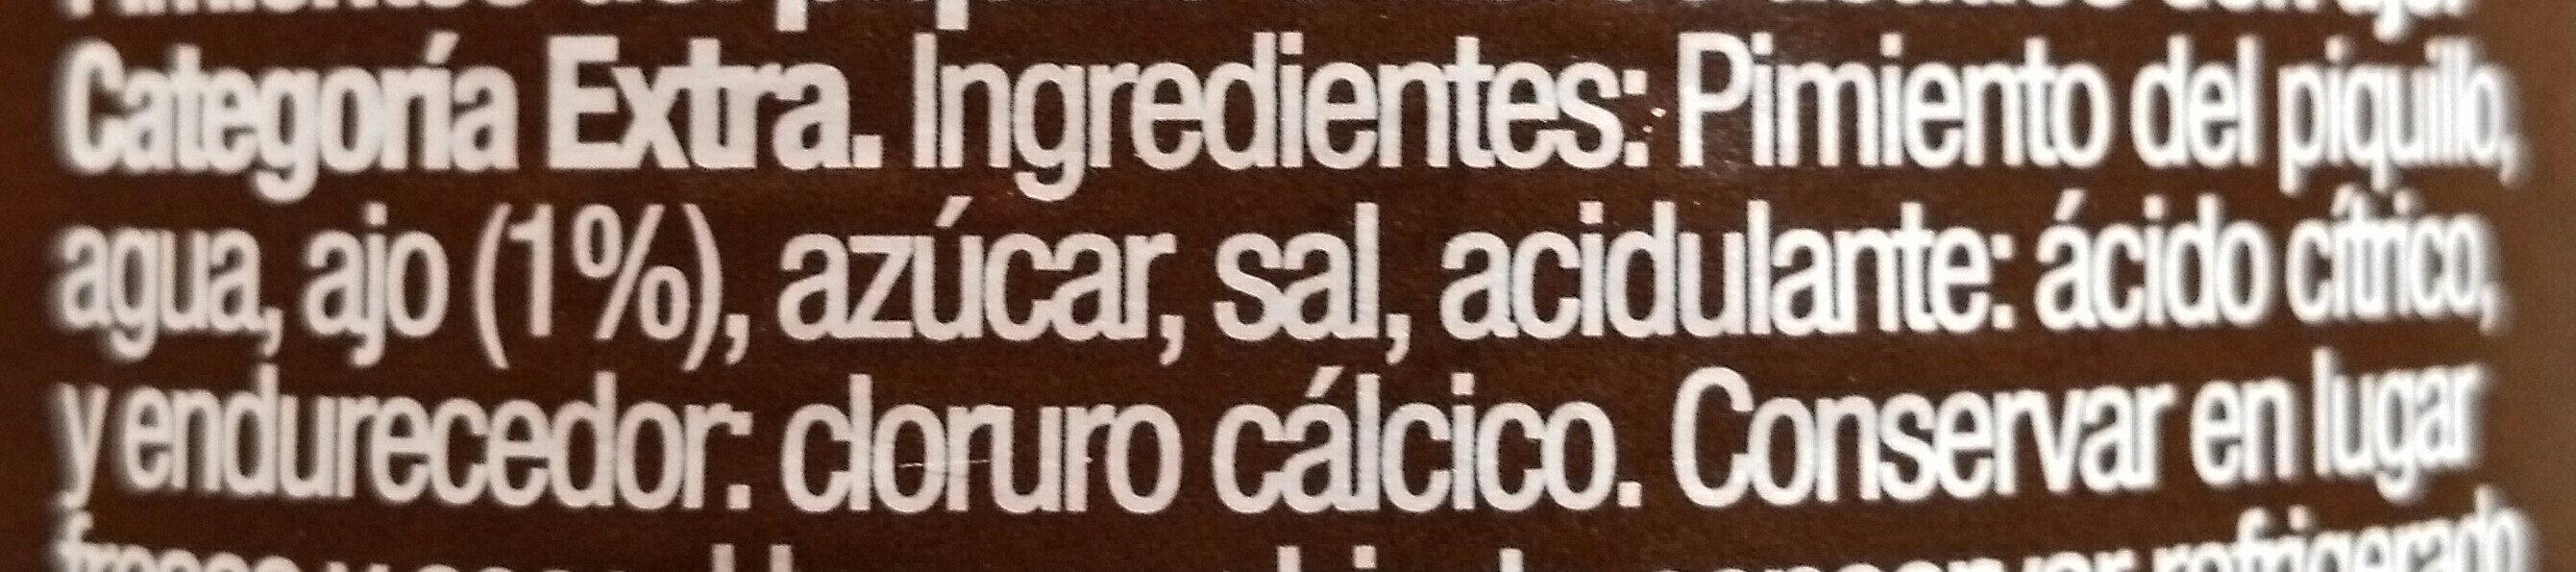 Pimientos del Piquillo con Ajo - Ingredientes - es